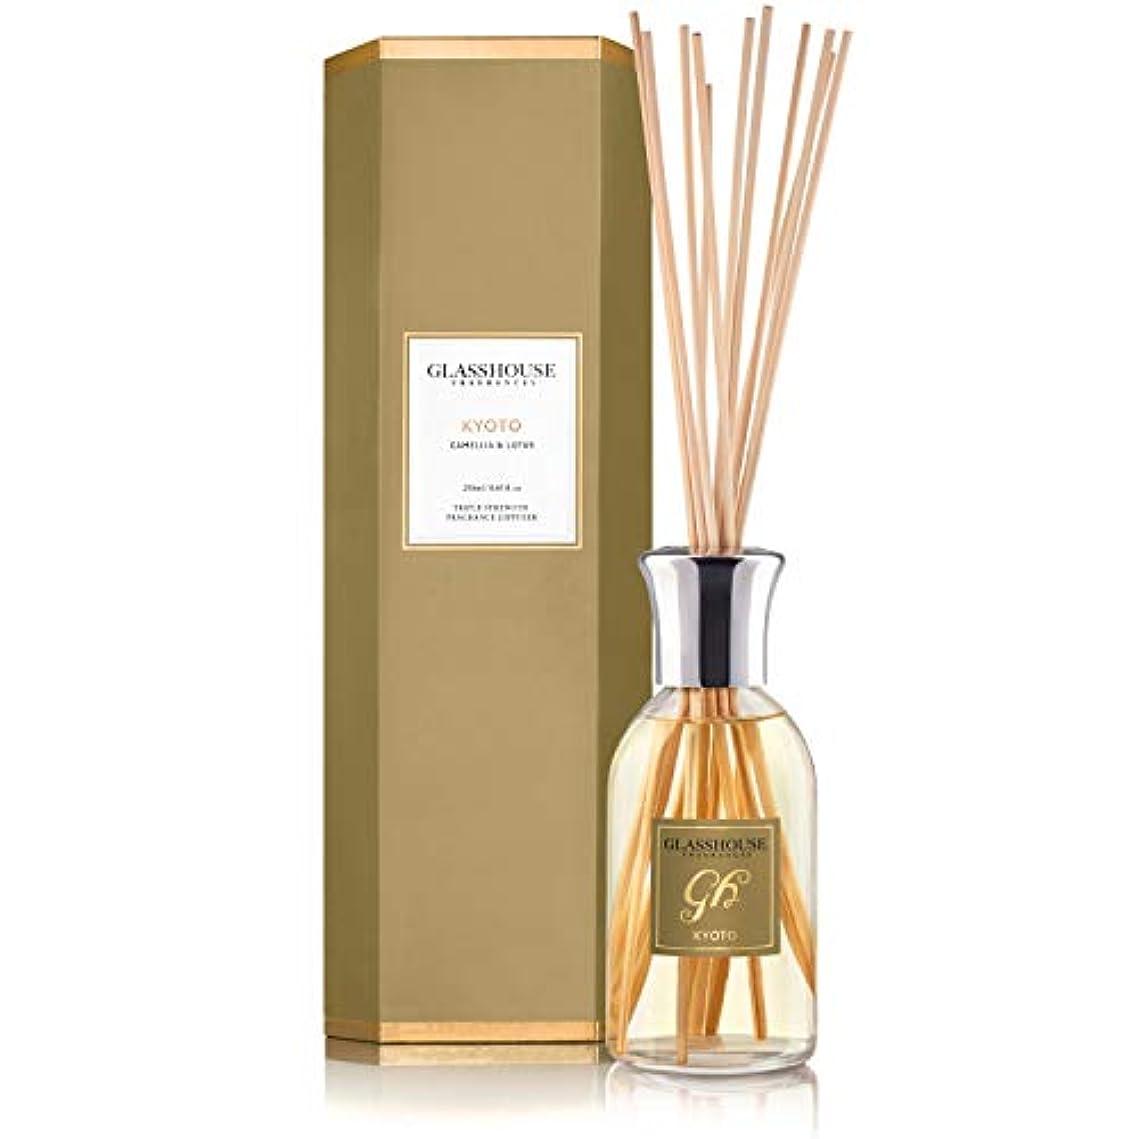 印象的な駐地放棄されたグラスハウス Triple Strength Fragrance Diffuser - Kyoto (Camellia & Lotus) 250ml/8.45oz並行輸入品